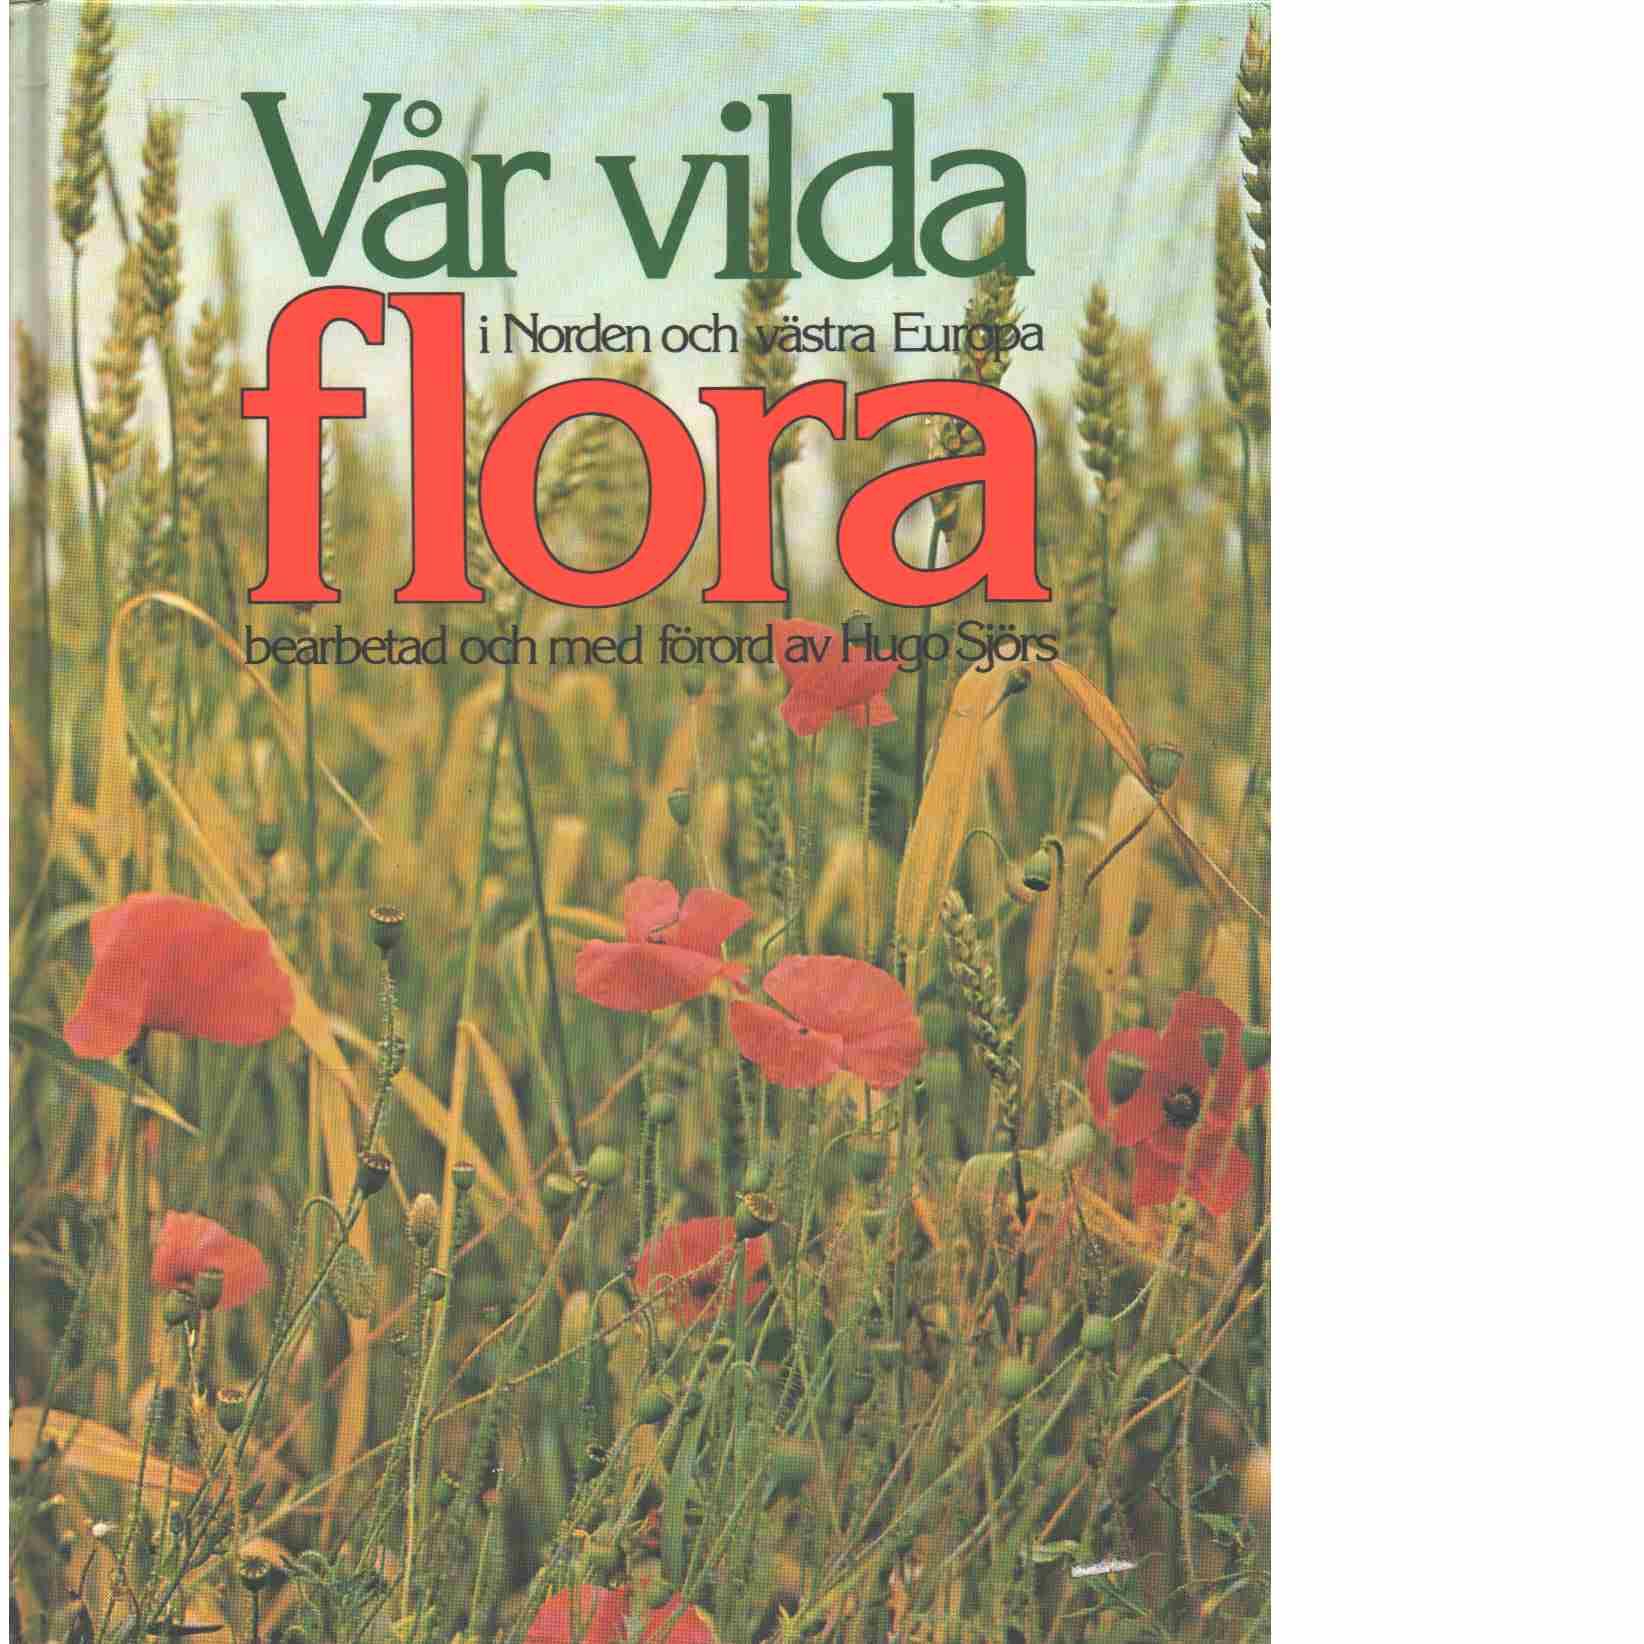 Vår vilda flora i Norden och västra Europa - Red. Lundqvist, Jim